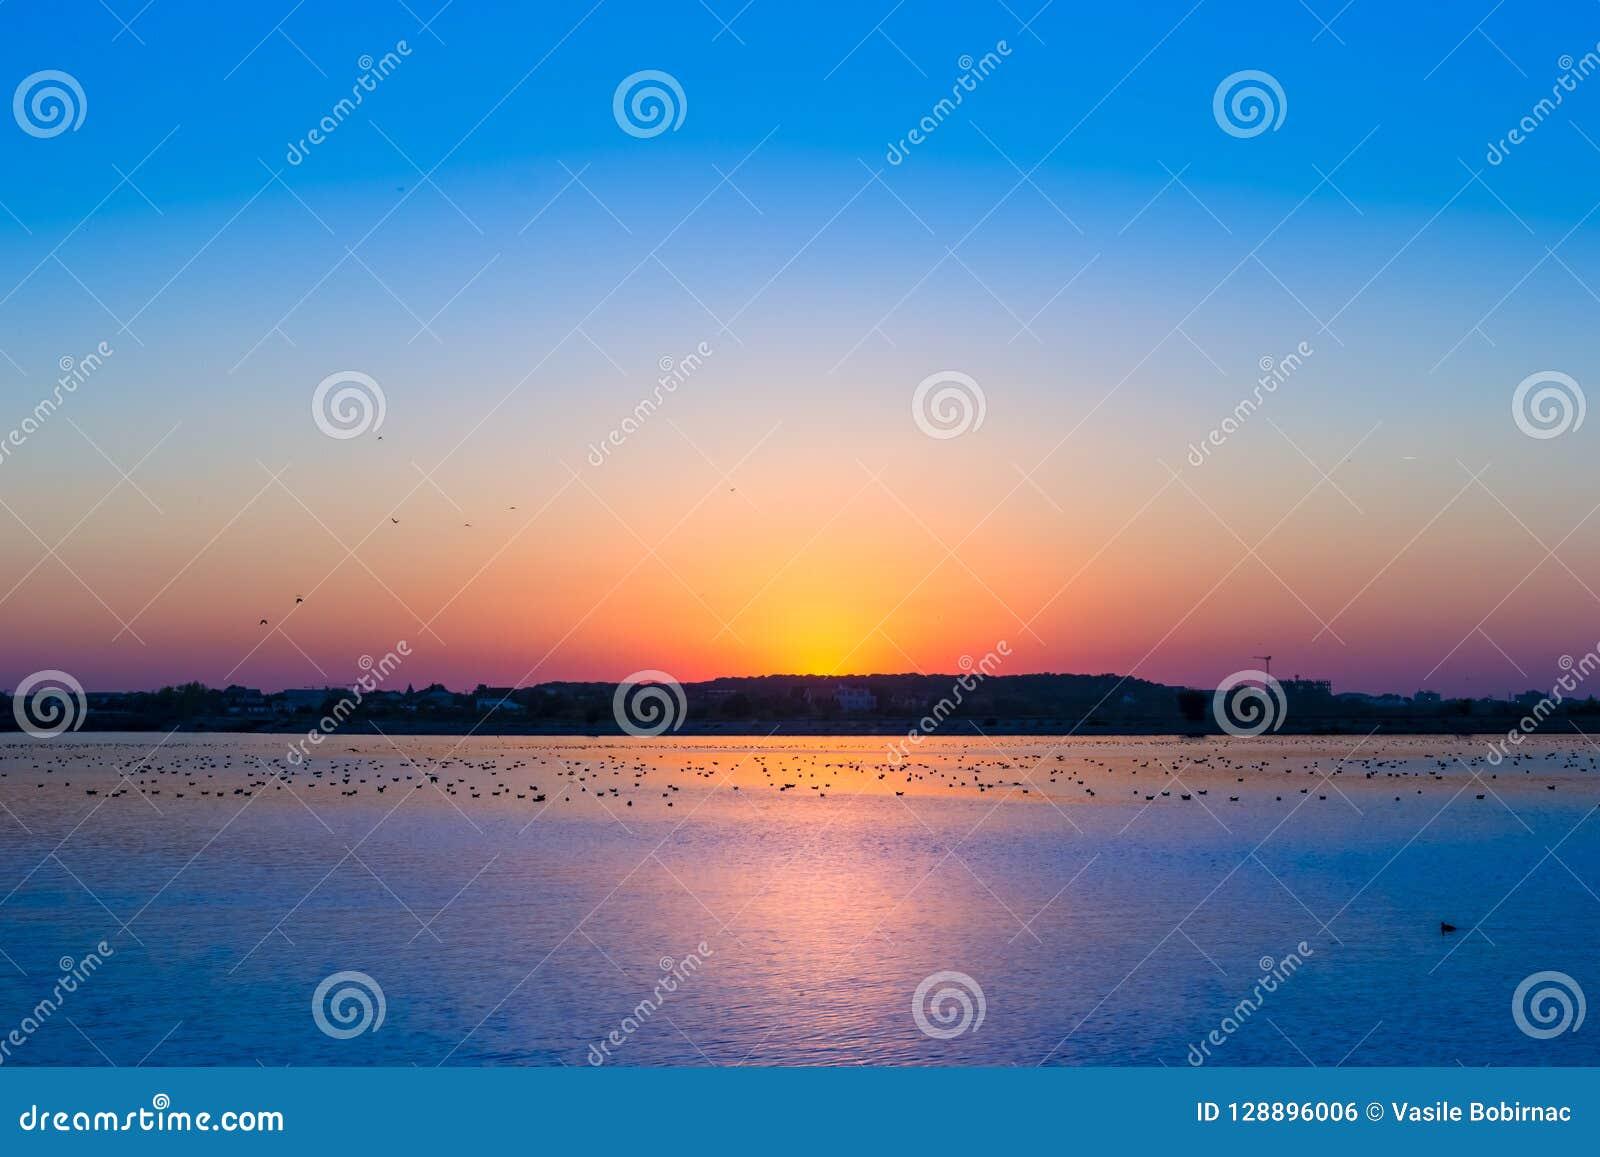 Himmel nach der goldenen Stunde